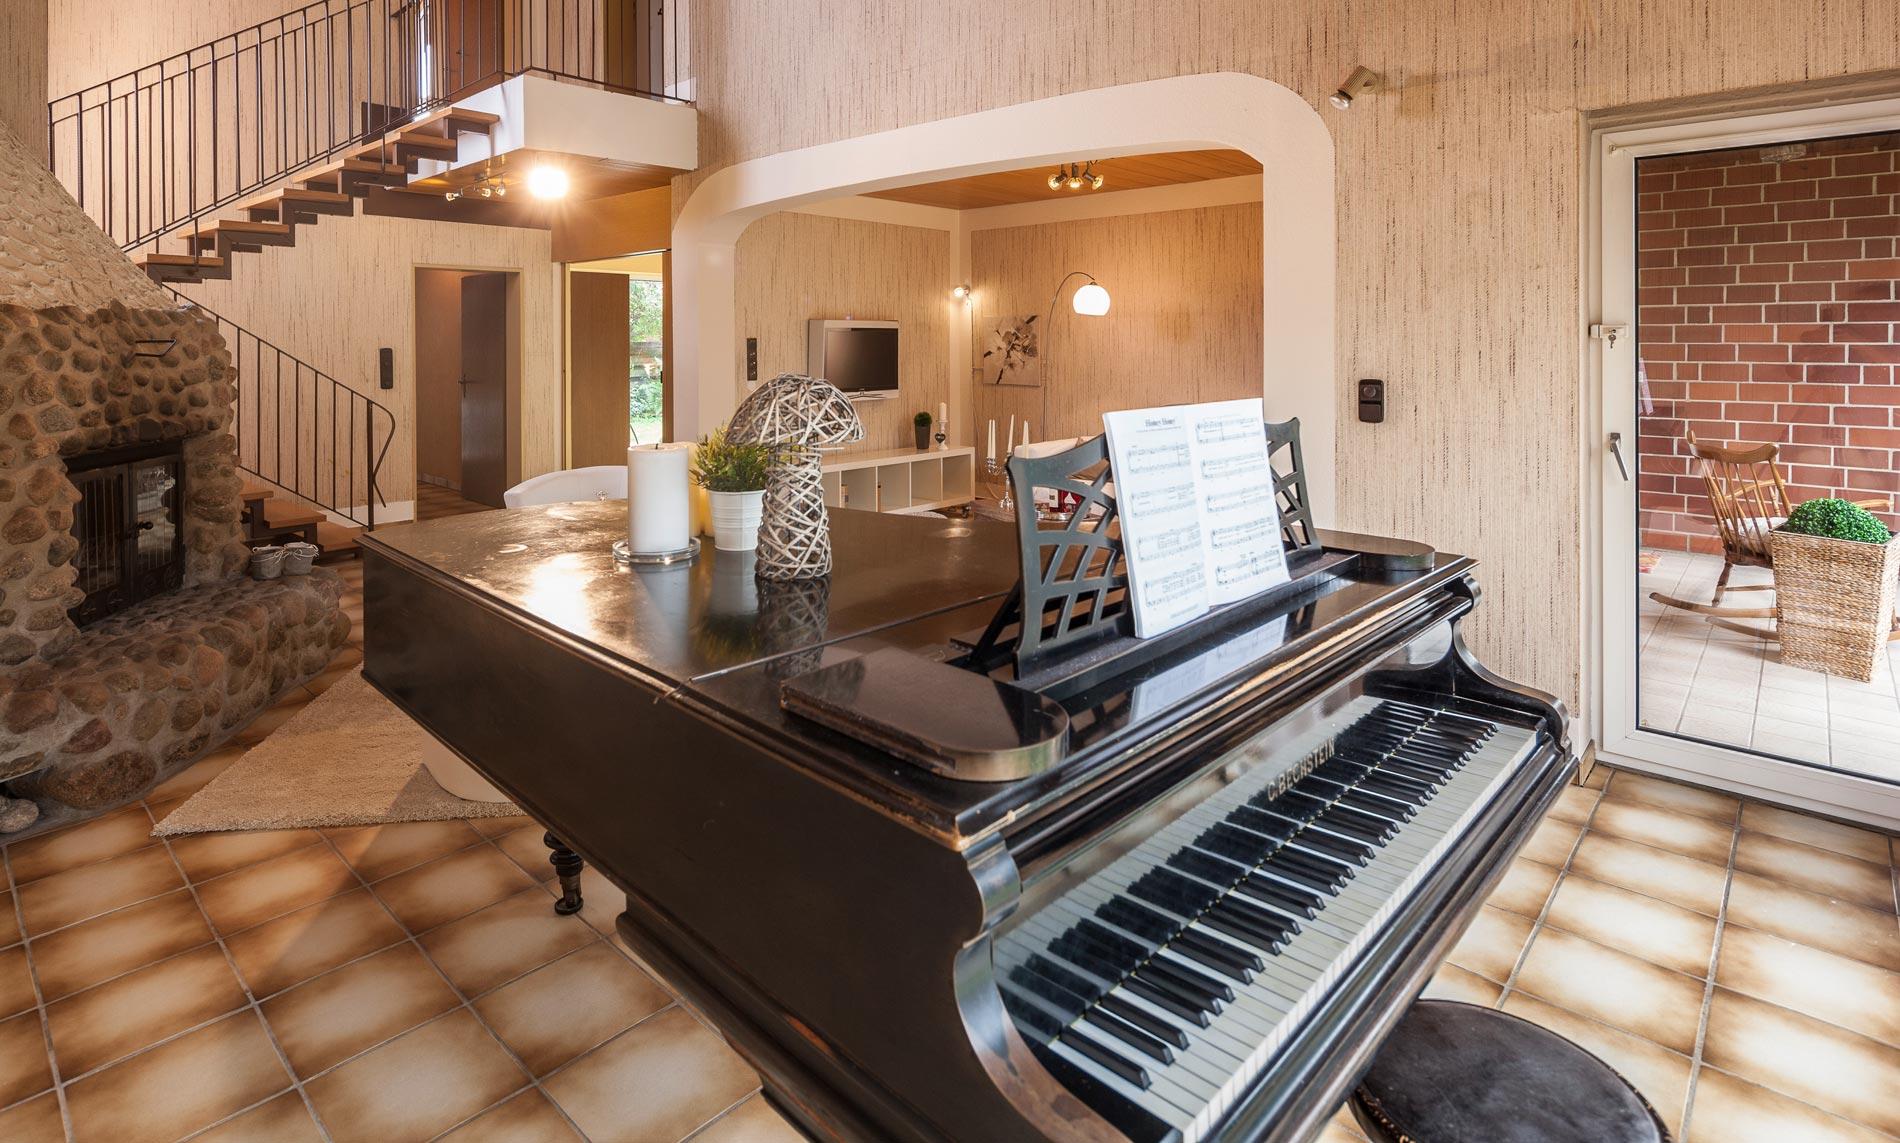 Wohnzimmer mit einem Piano vor der Fensterfront